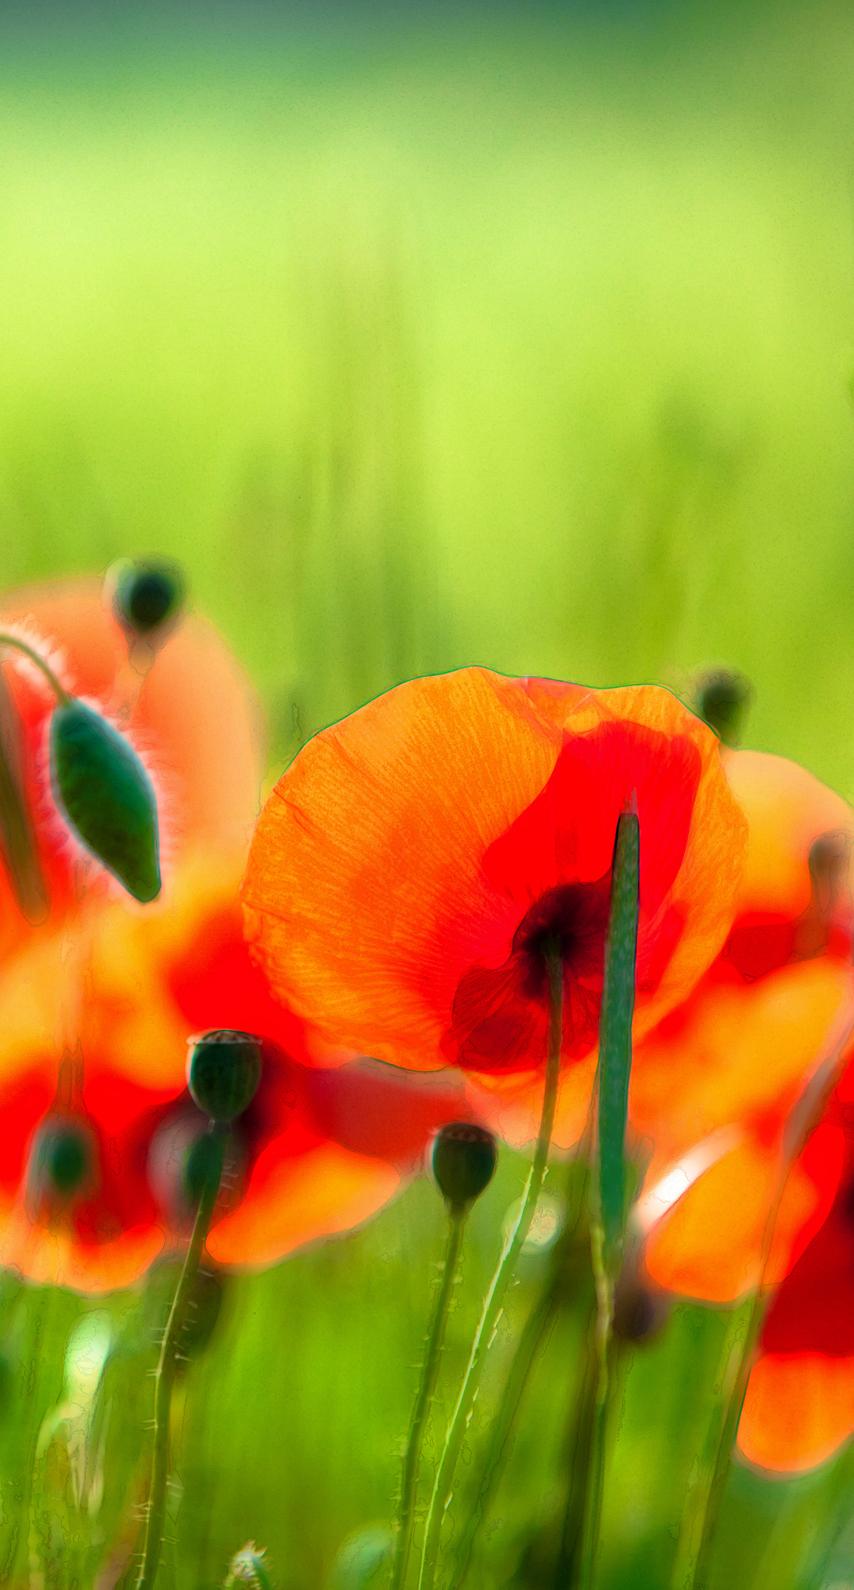 garden, season, growth, vibrant, tulip